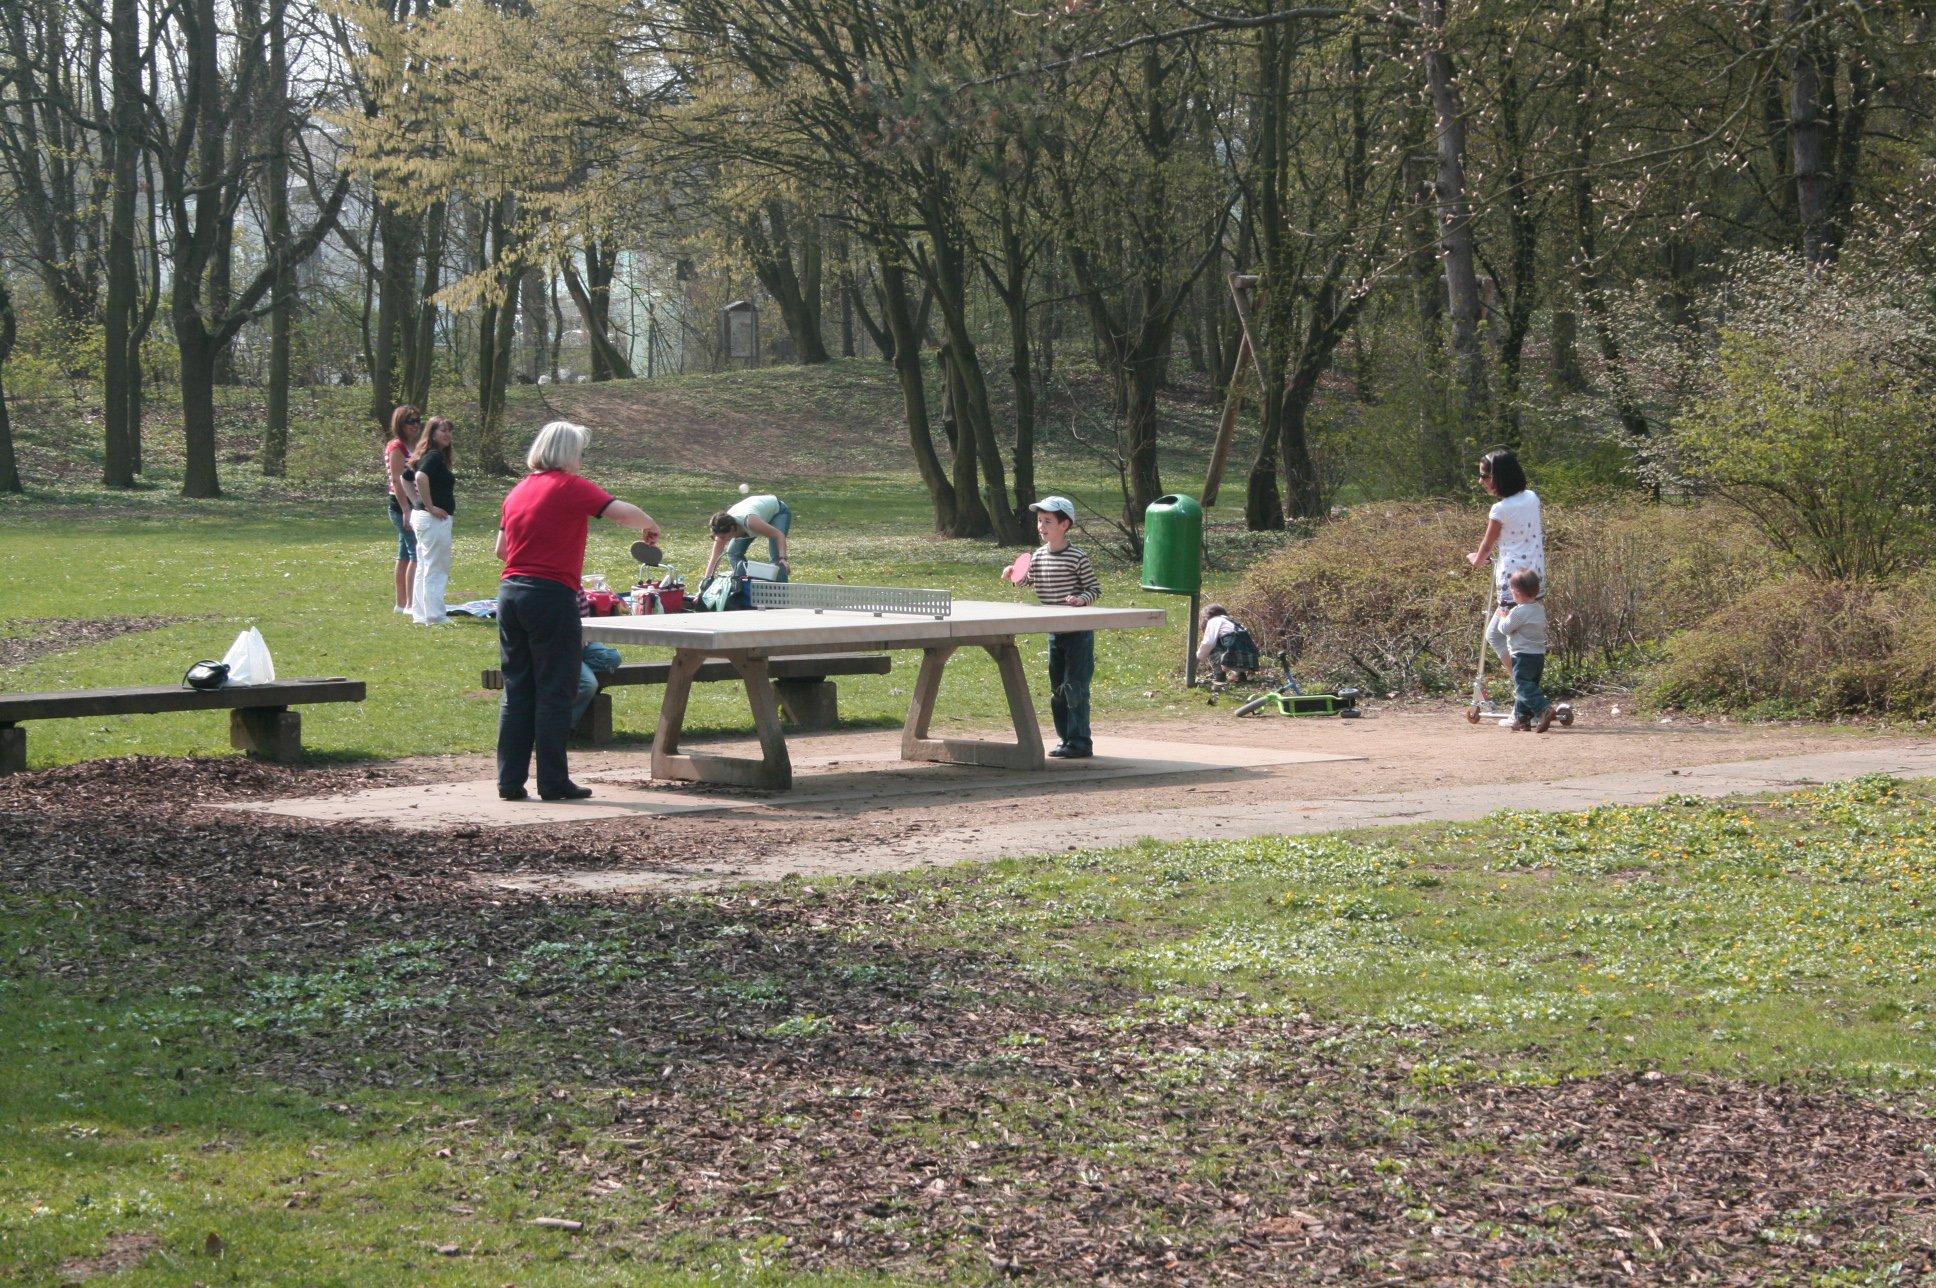 Pick-Nick im Freizeitpark. Im Vordergurund sind spielende Kinder an der Tischtennisplatte zu sehen.